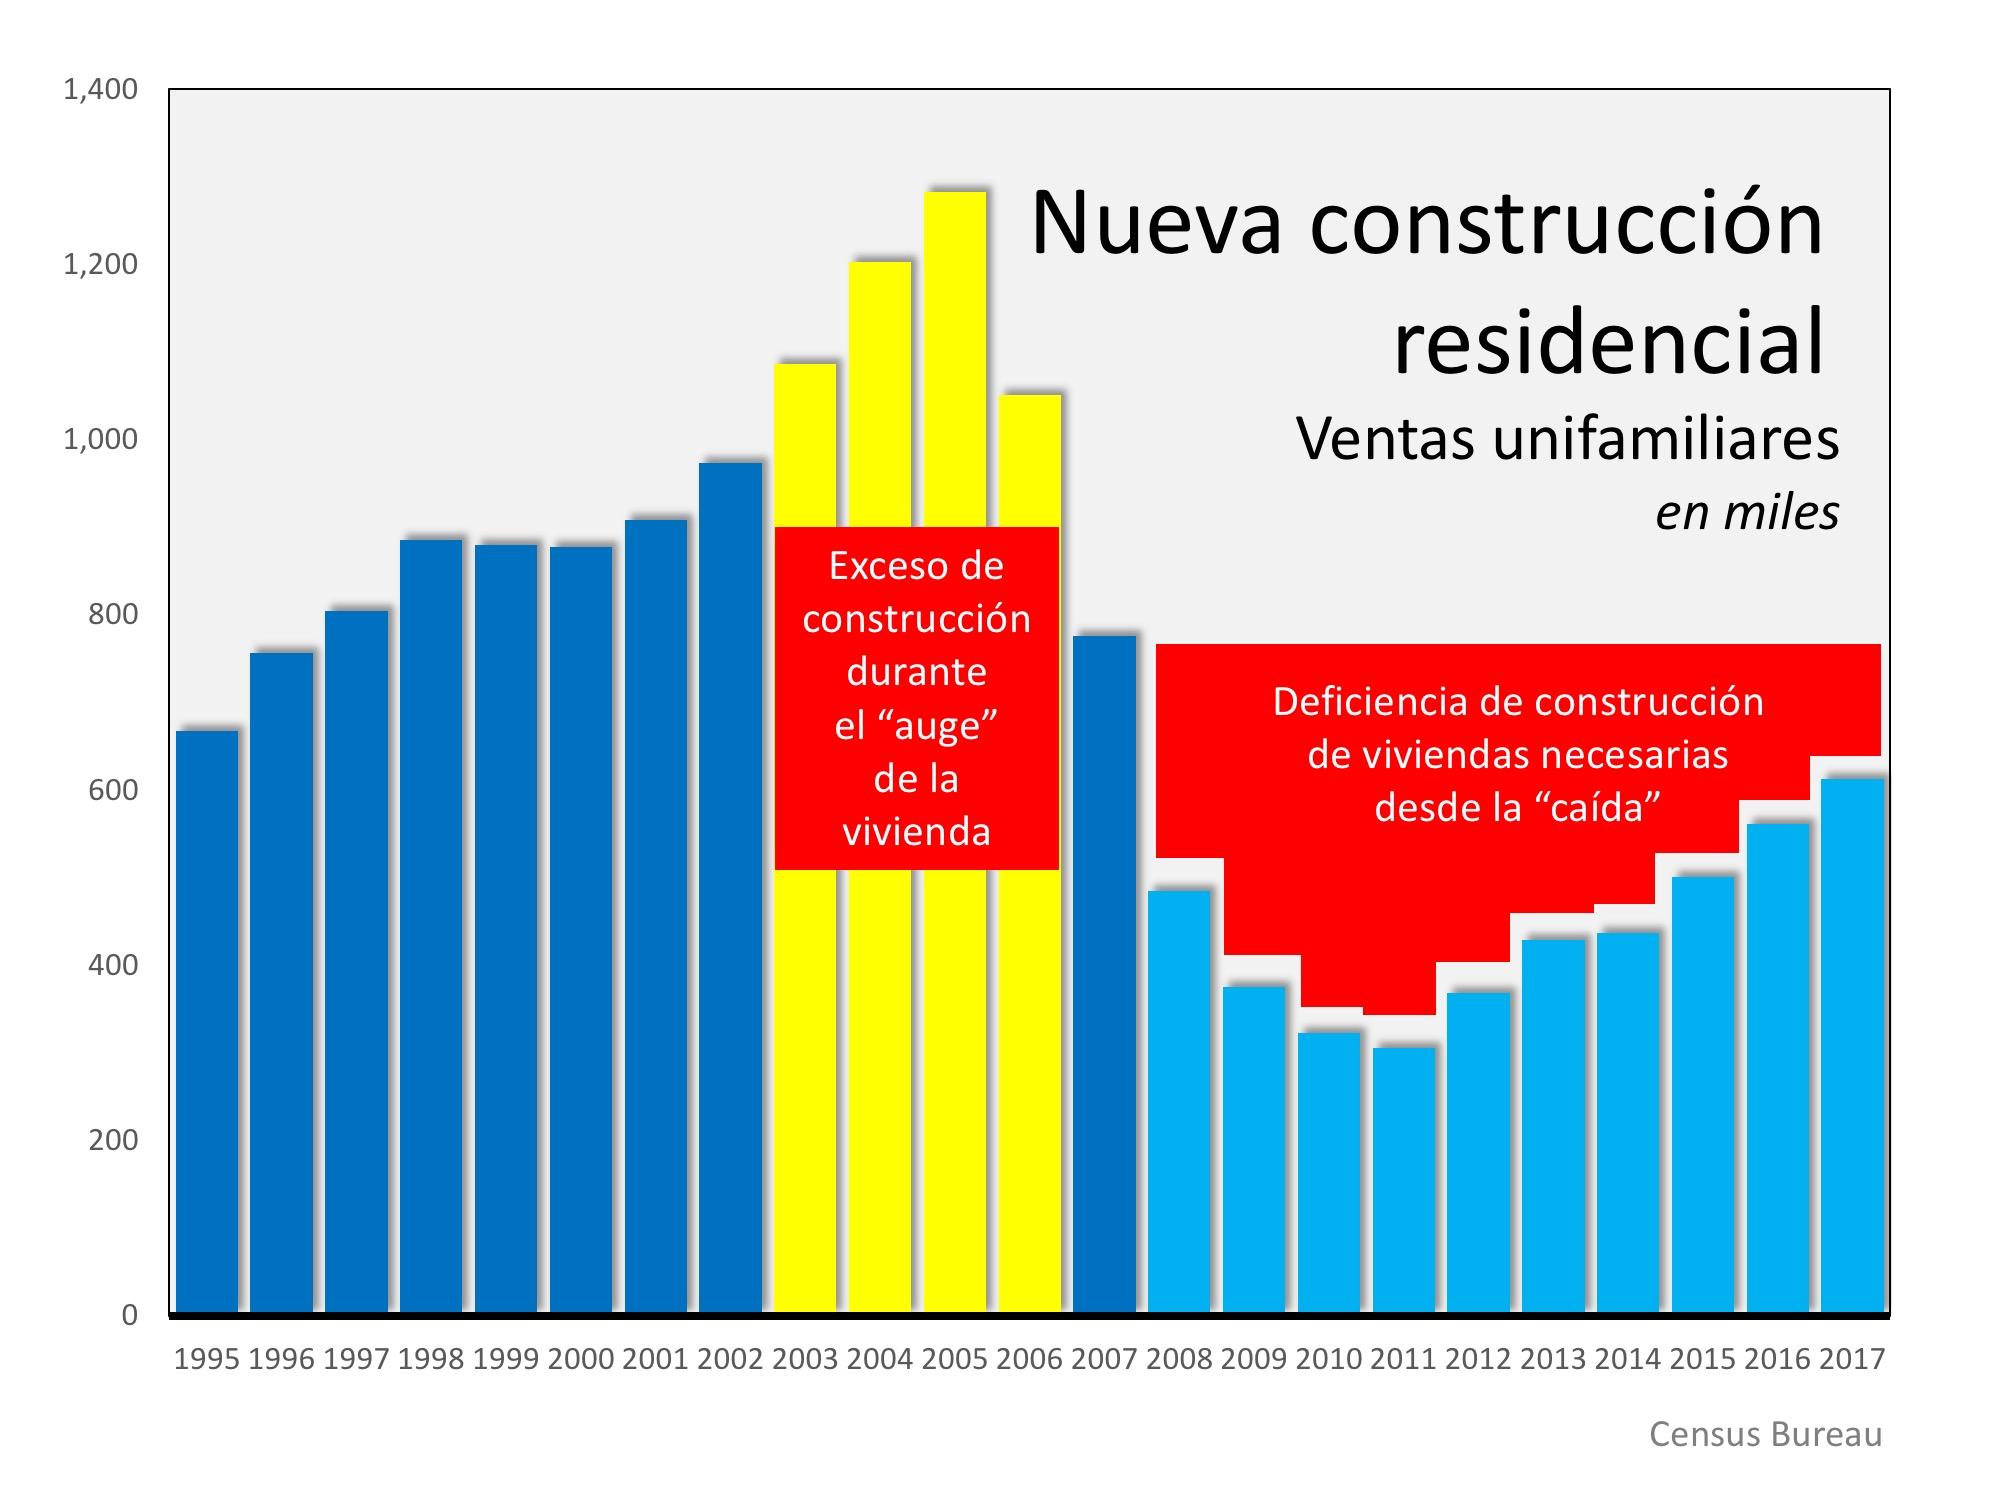 ¿Por qué las ventas de casas existentes han disminuido? | Simplifying The Market